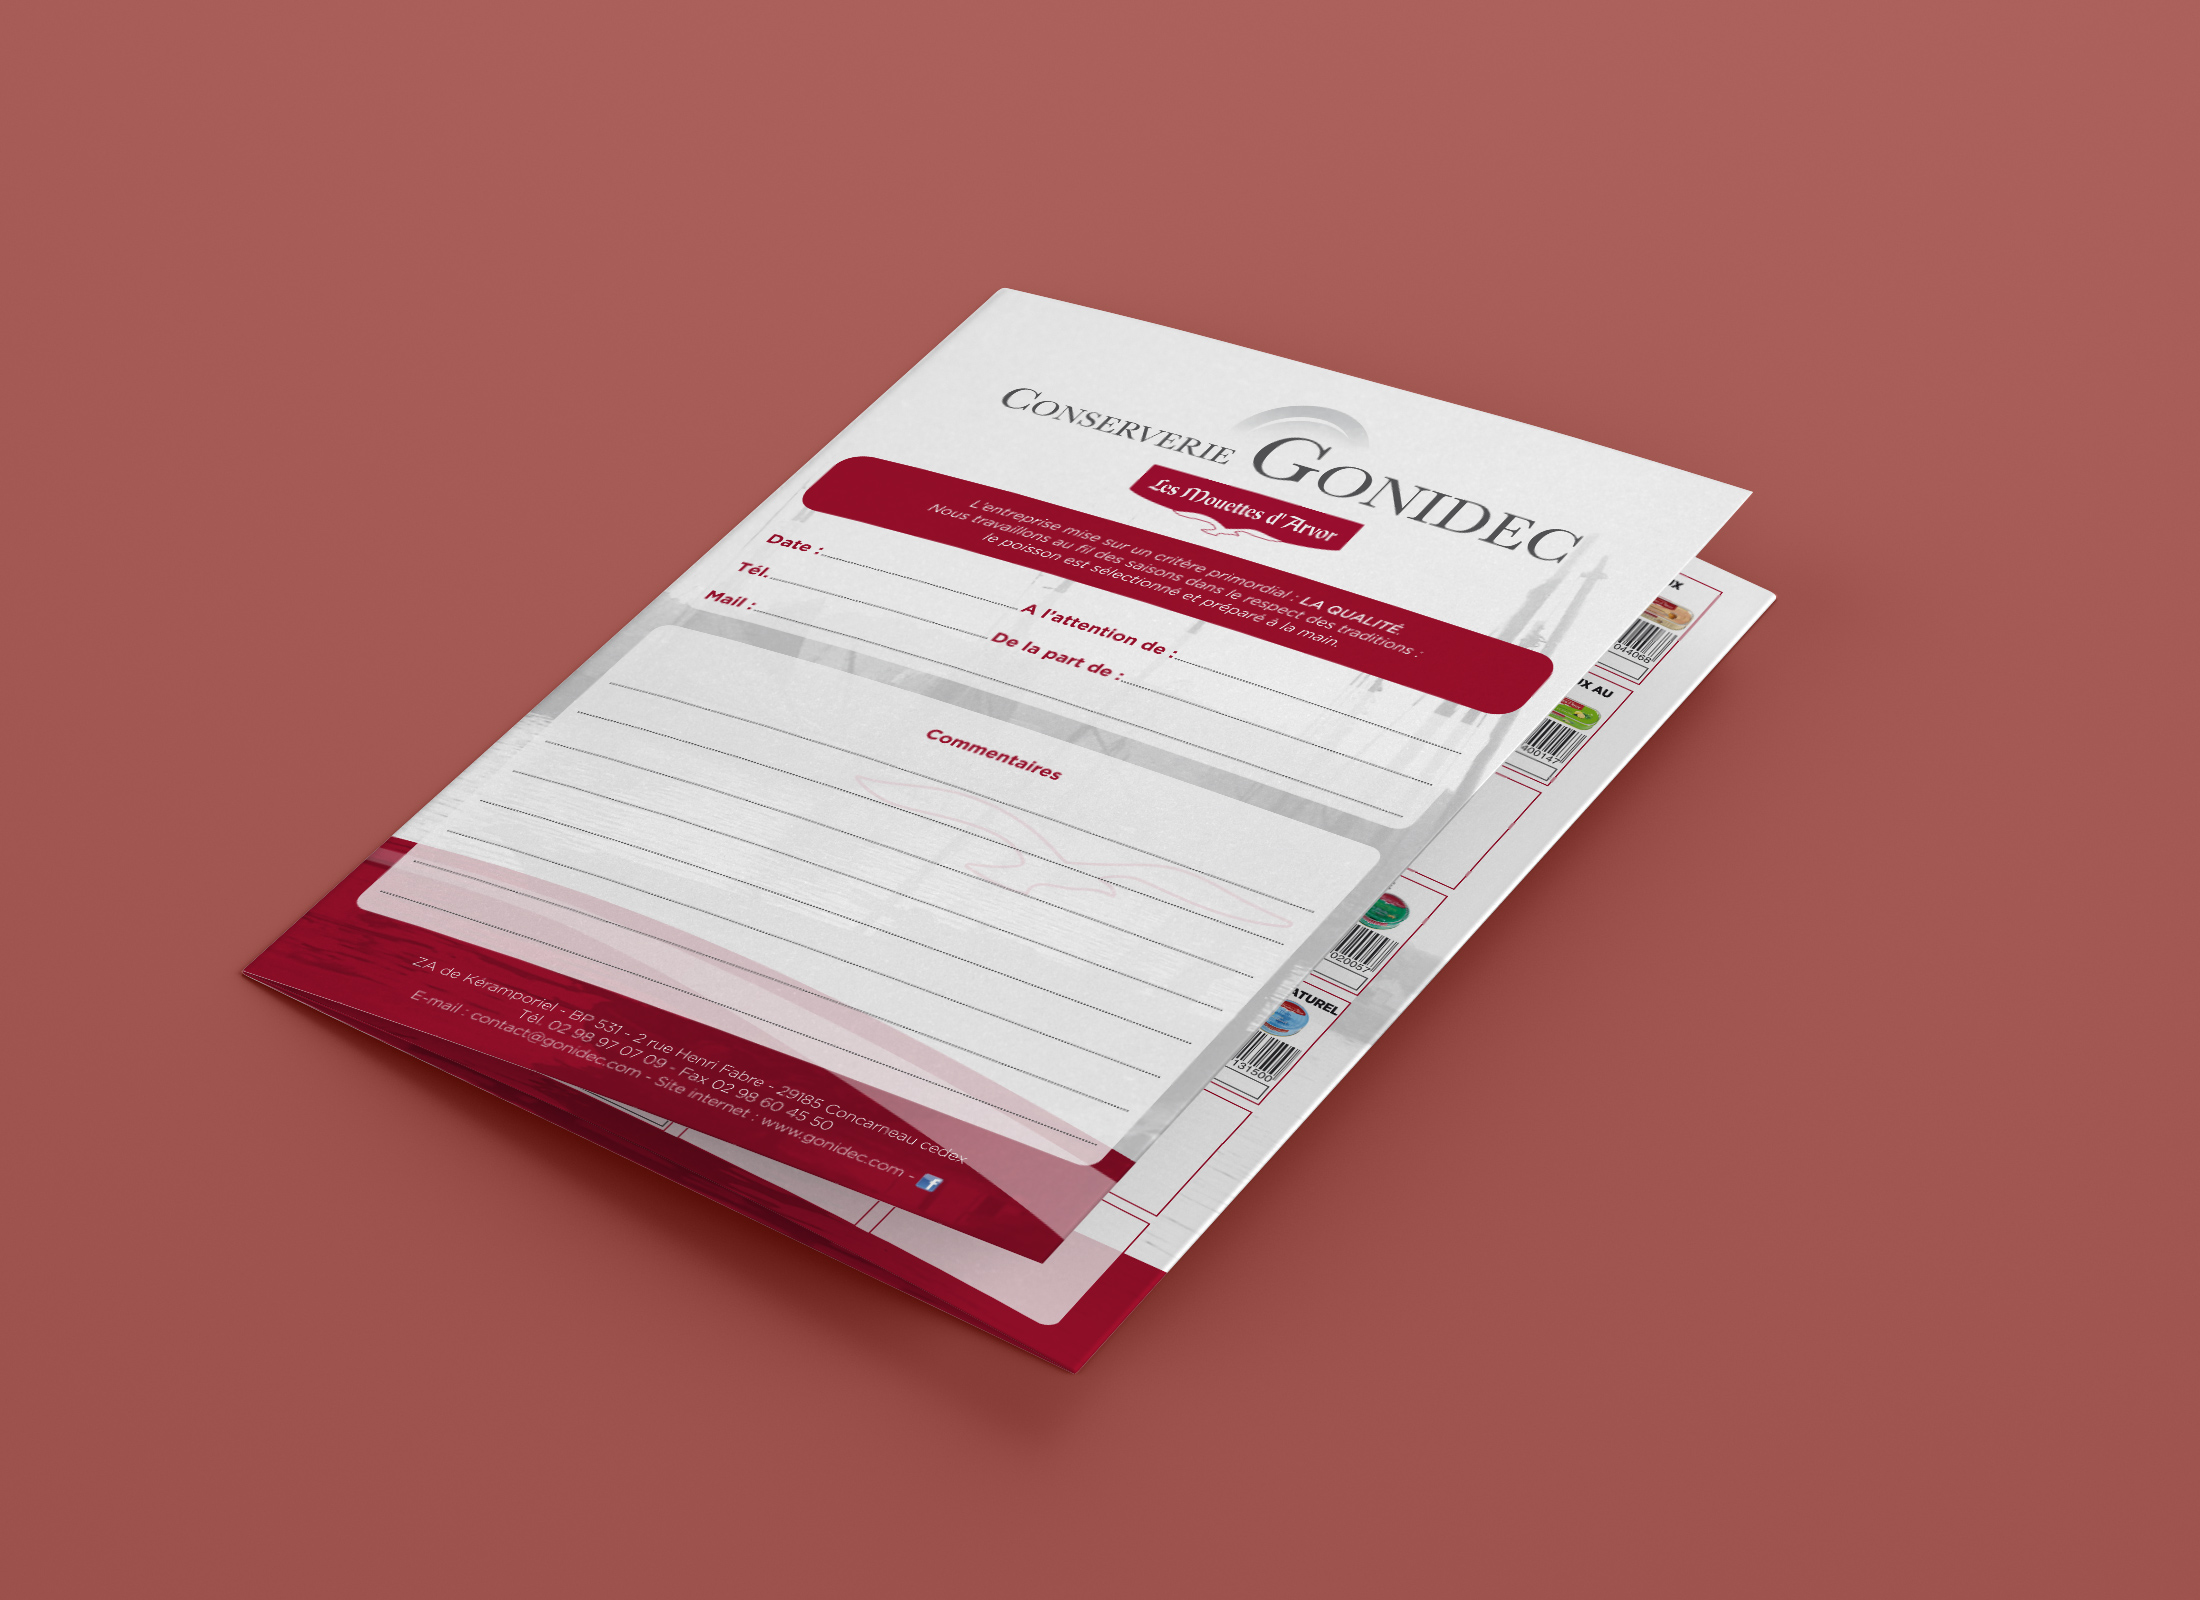 Dépliant A4 3 volets - Conserverie Gonidec - Concarneau